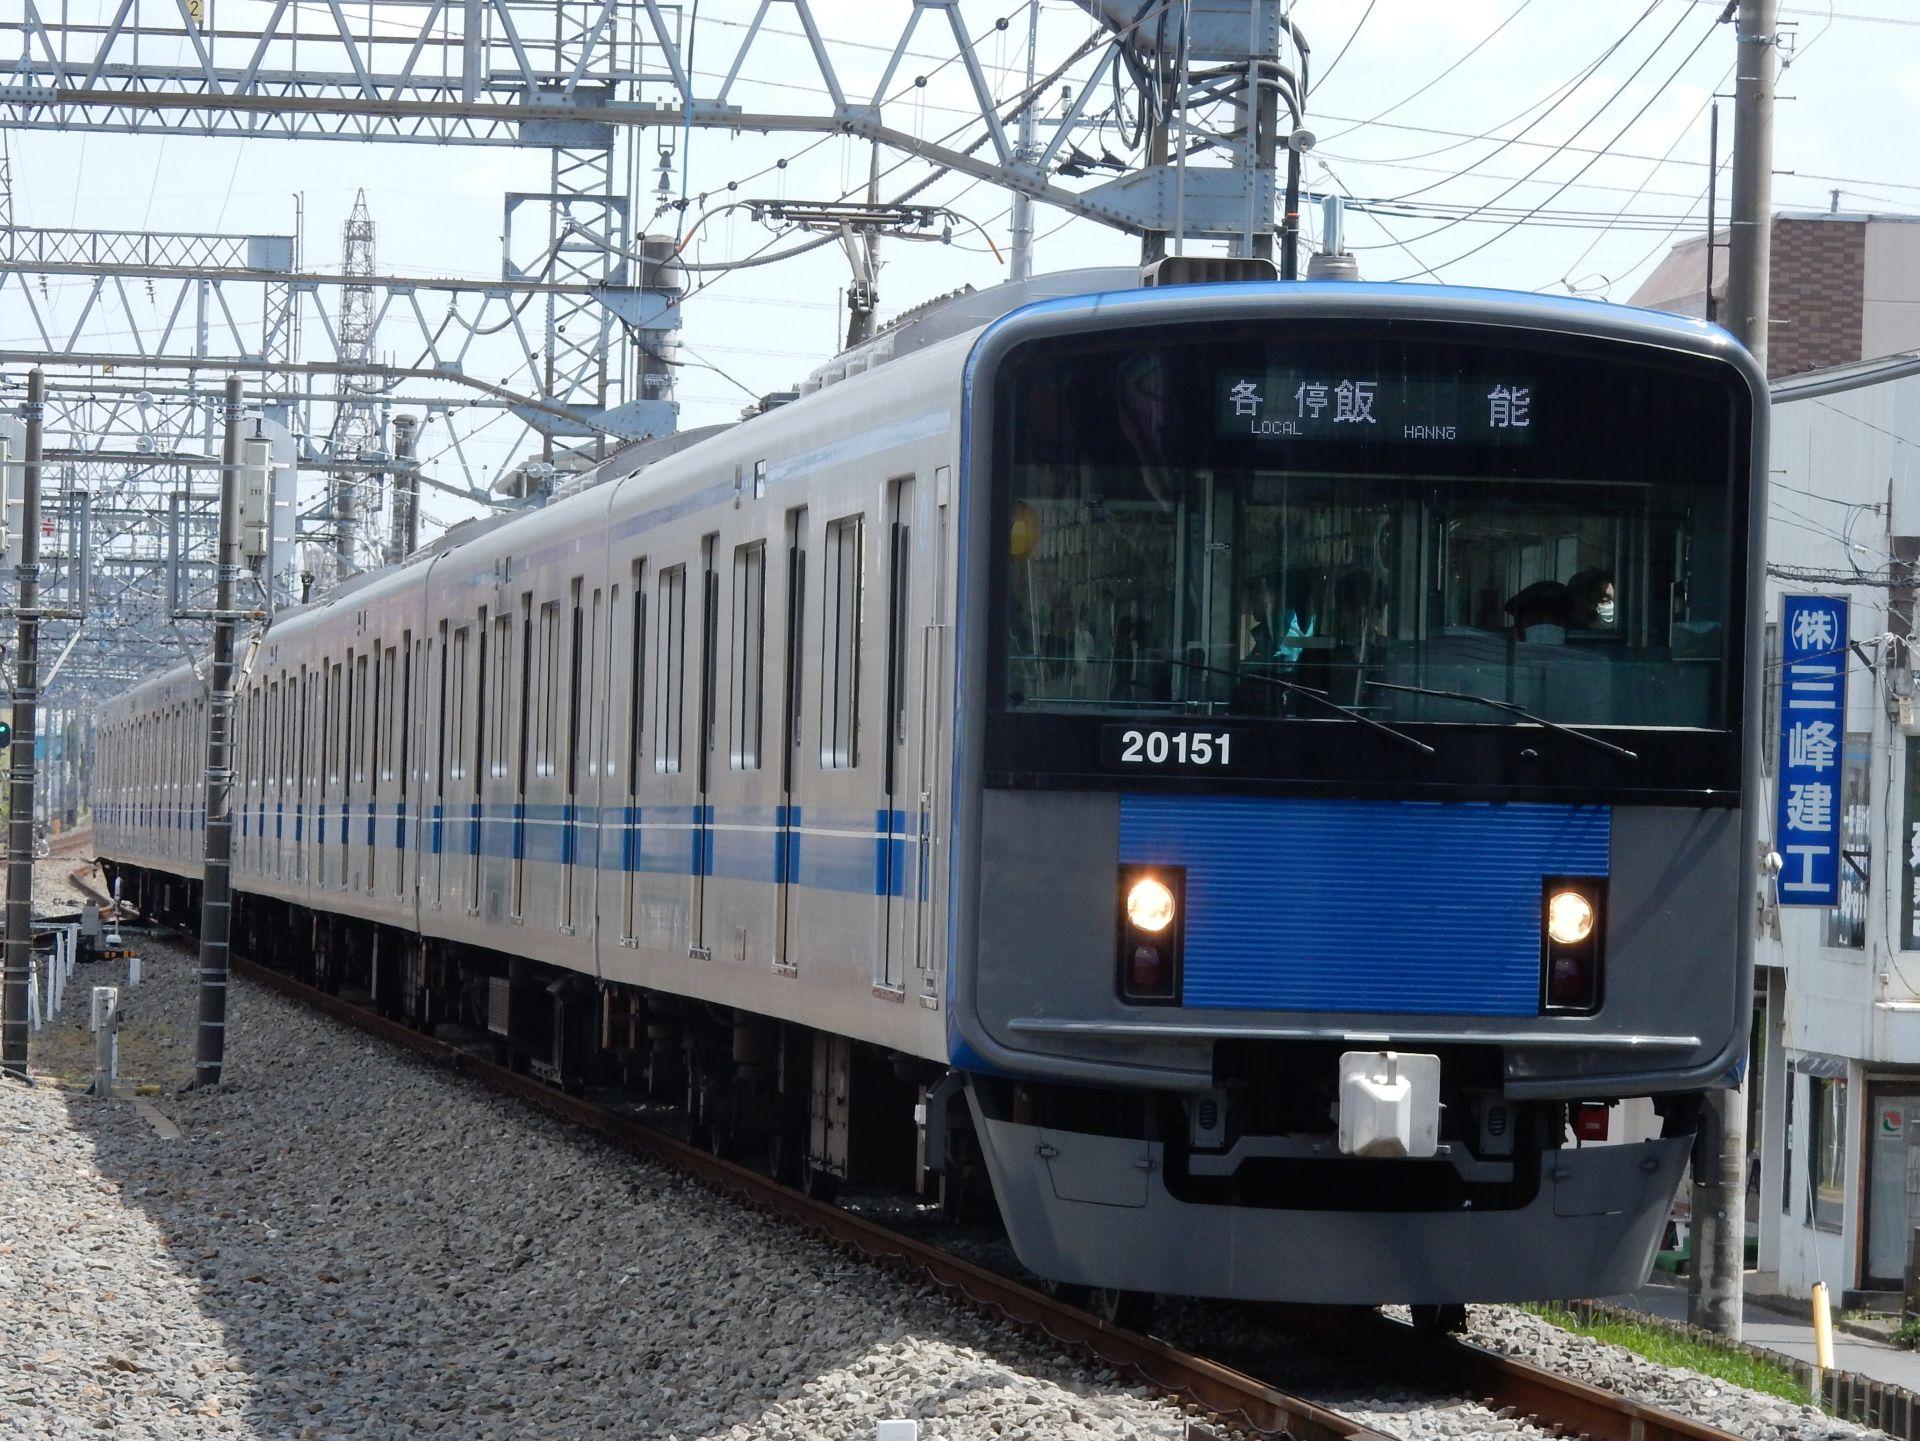 DSCN7002 - コピー